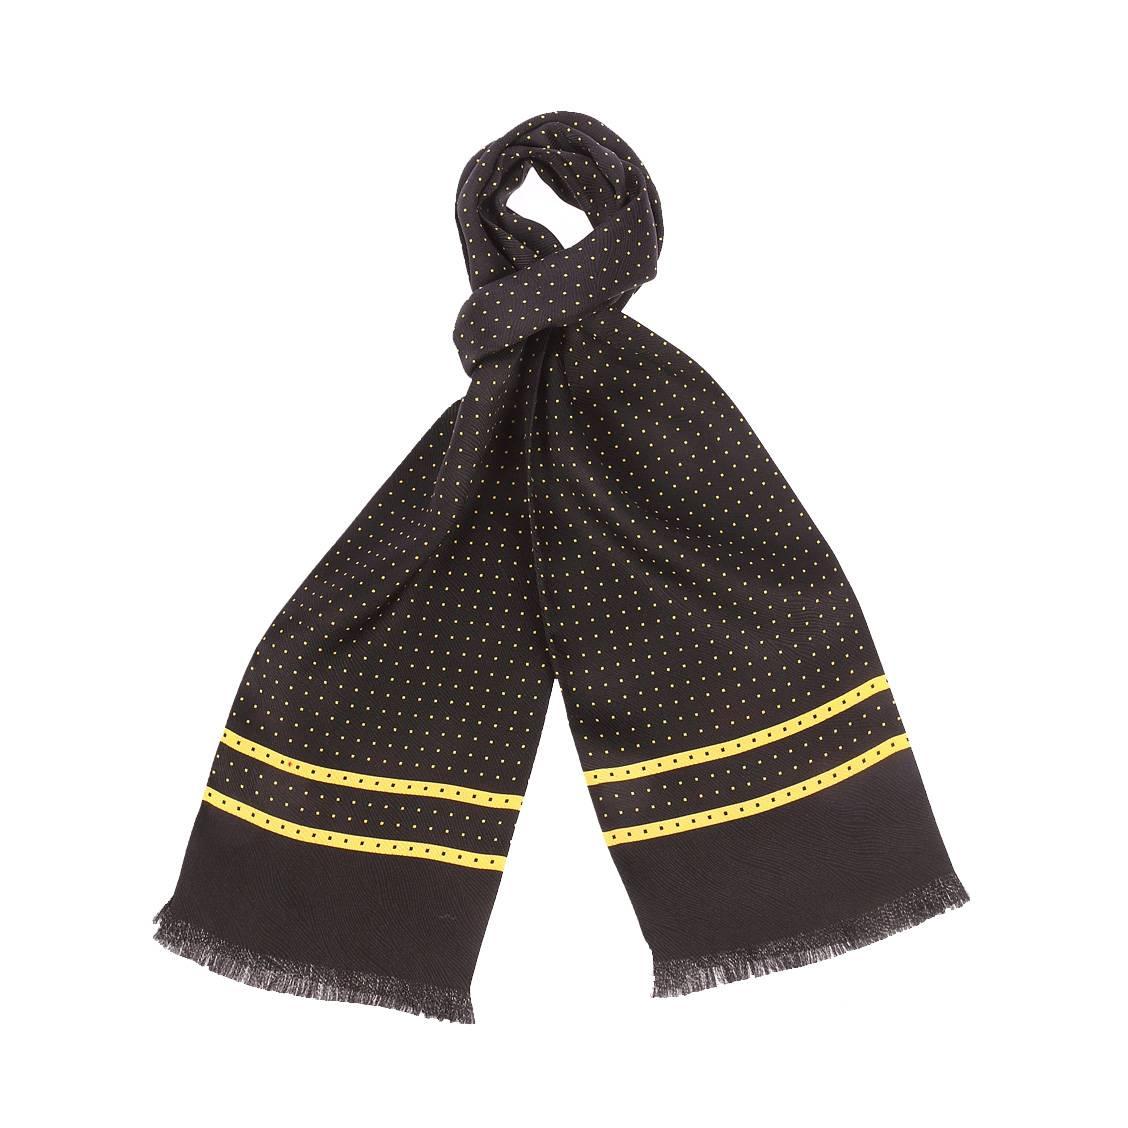 Echarpe en soie  noire à motifs carrés jaunes et noirs